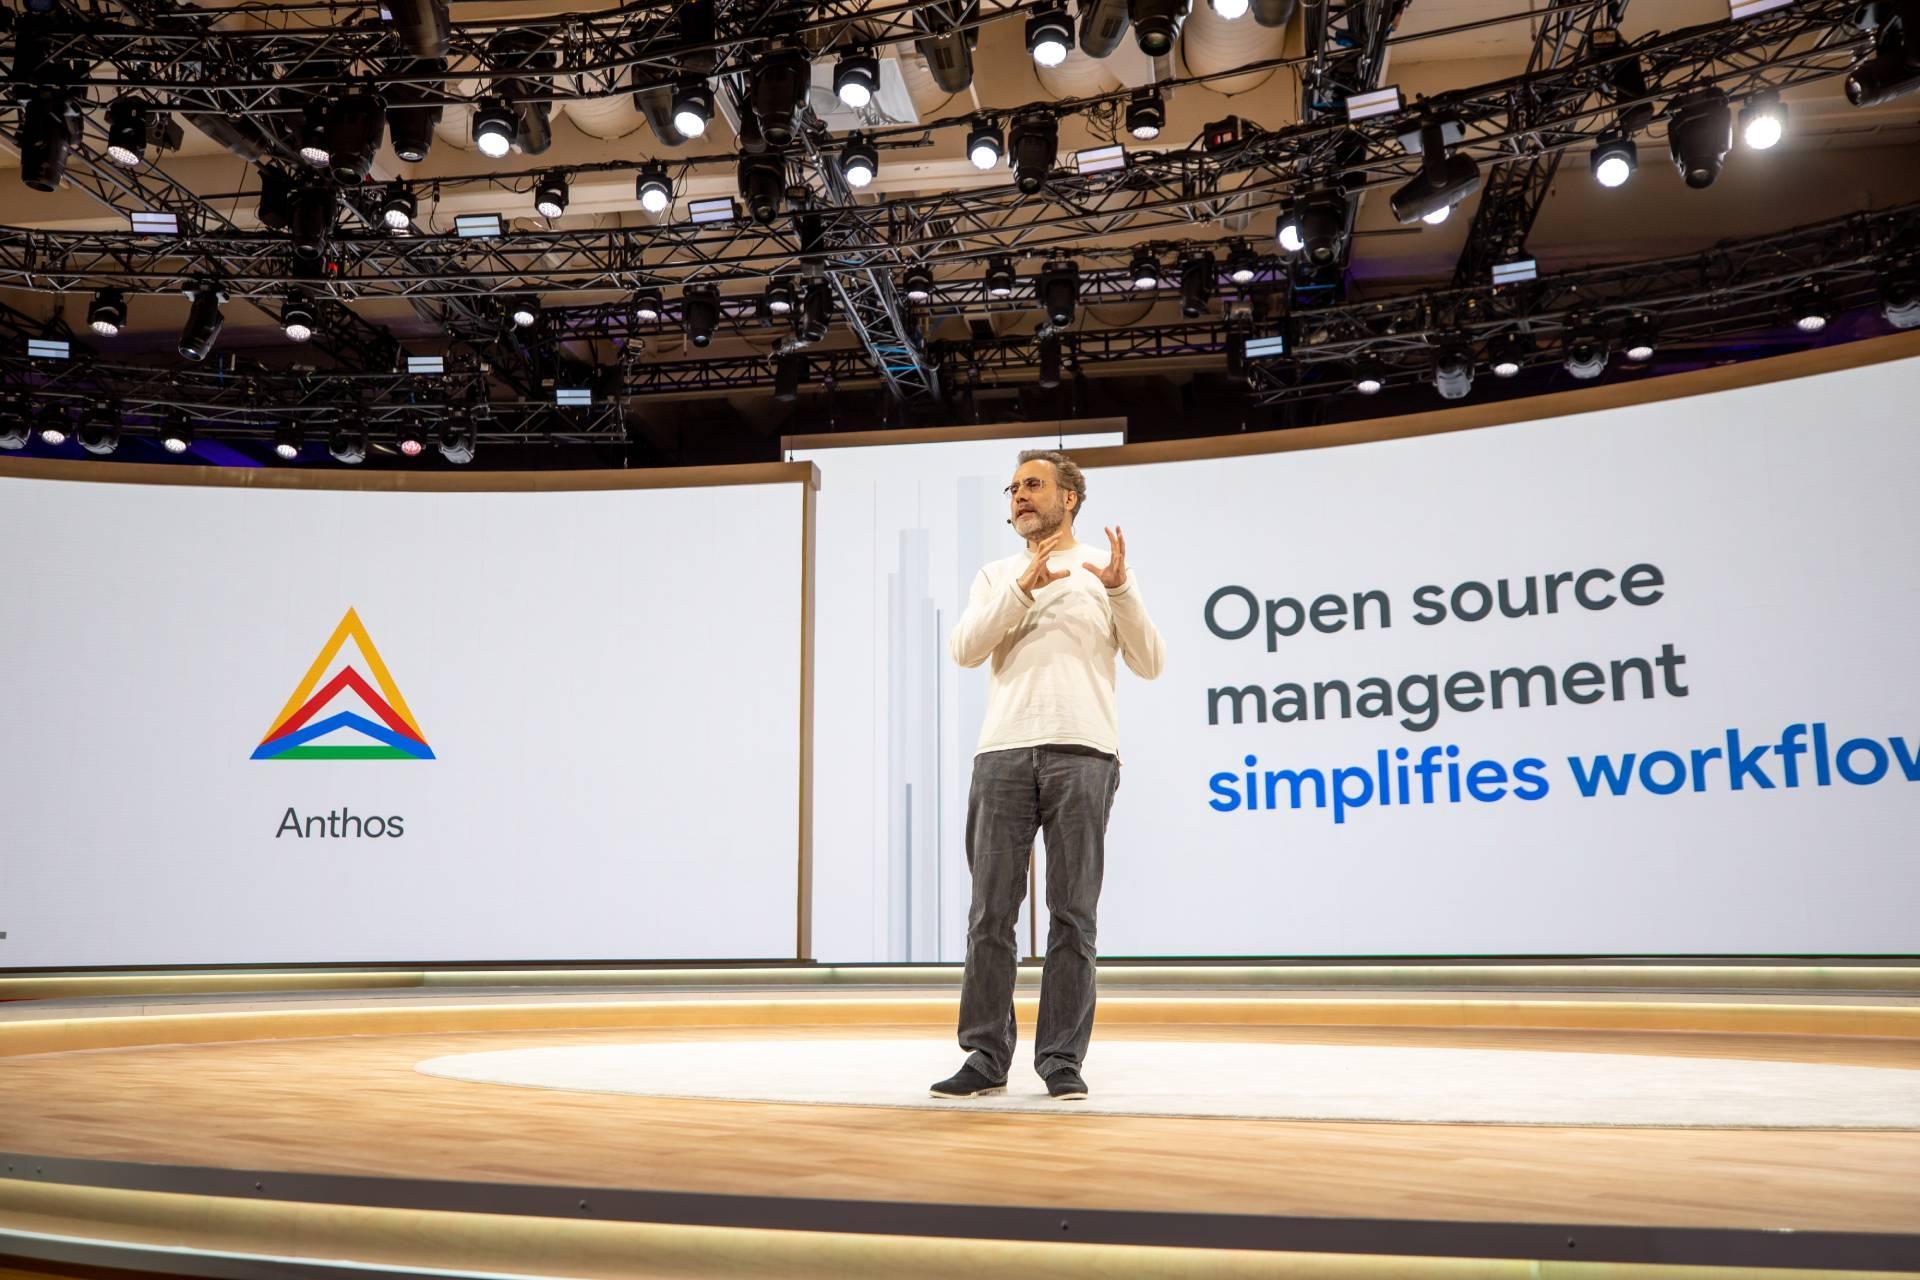 Googlen Anthosista ratkaisu multicloud-ympäristön hallintaan